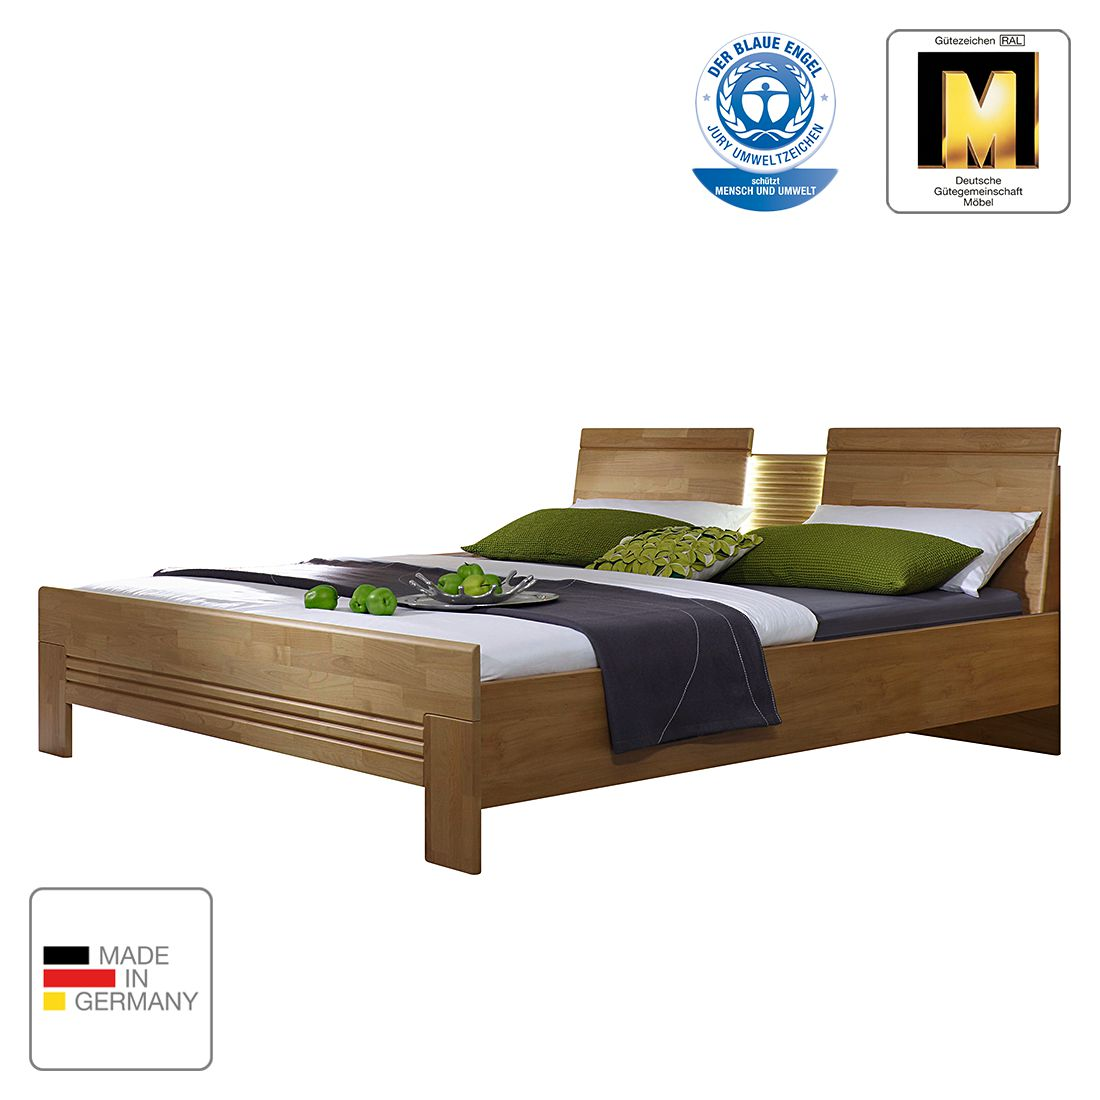 goedkoop energie A+ Bed Savina 200 x 200cm Wild eikenhout Met verlichting Rauch Steffen